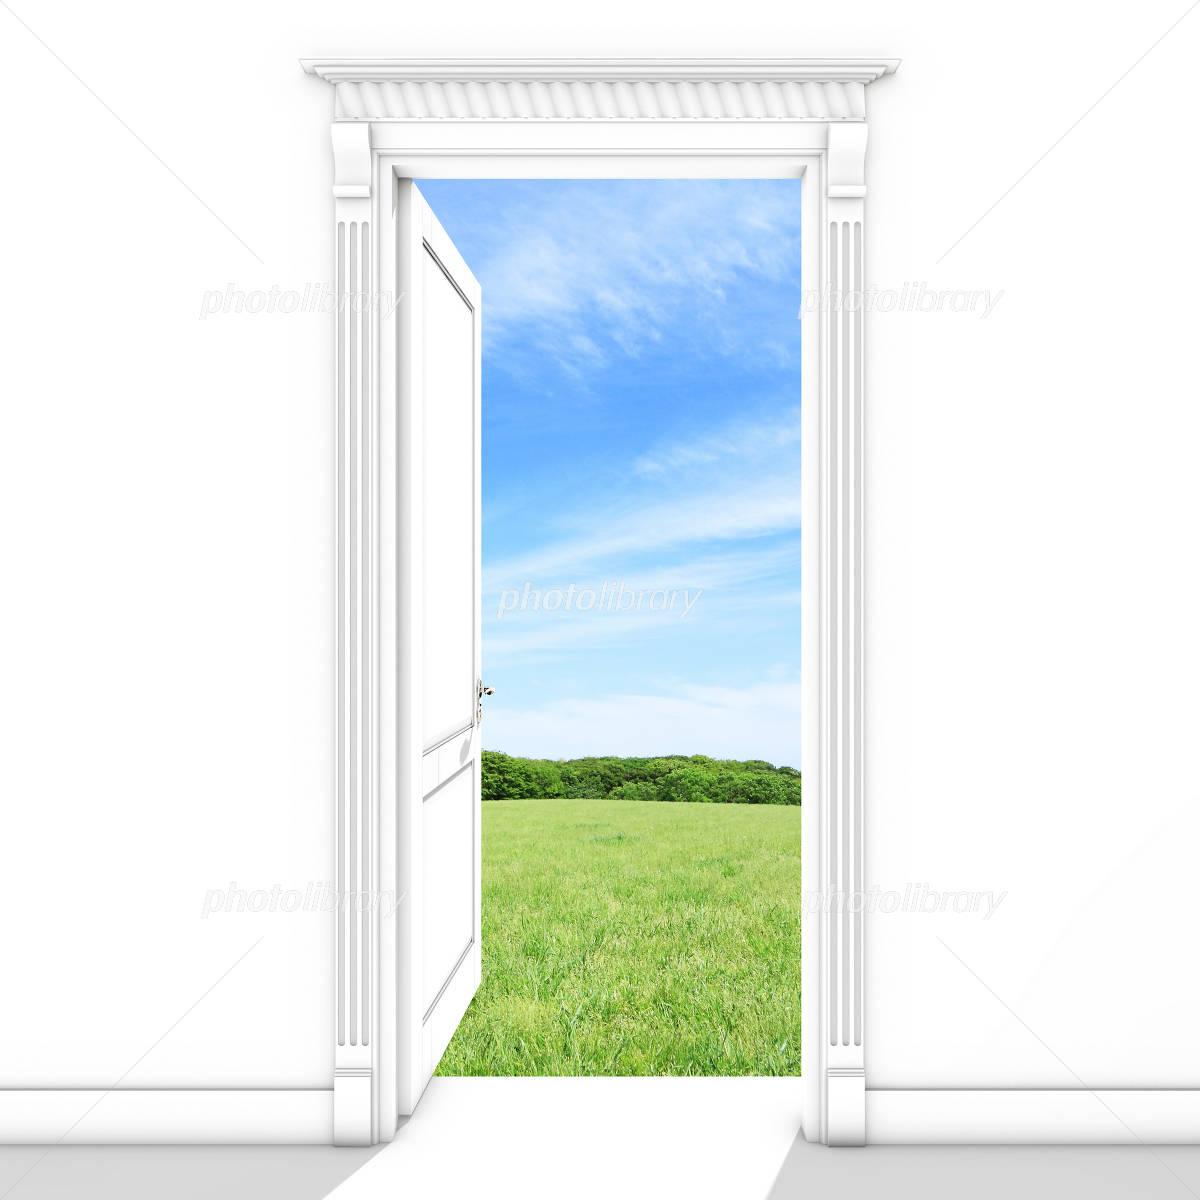 ドア イラスト素材 2094118 フォトライブラリー Photolibrary